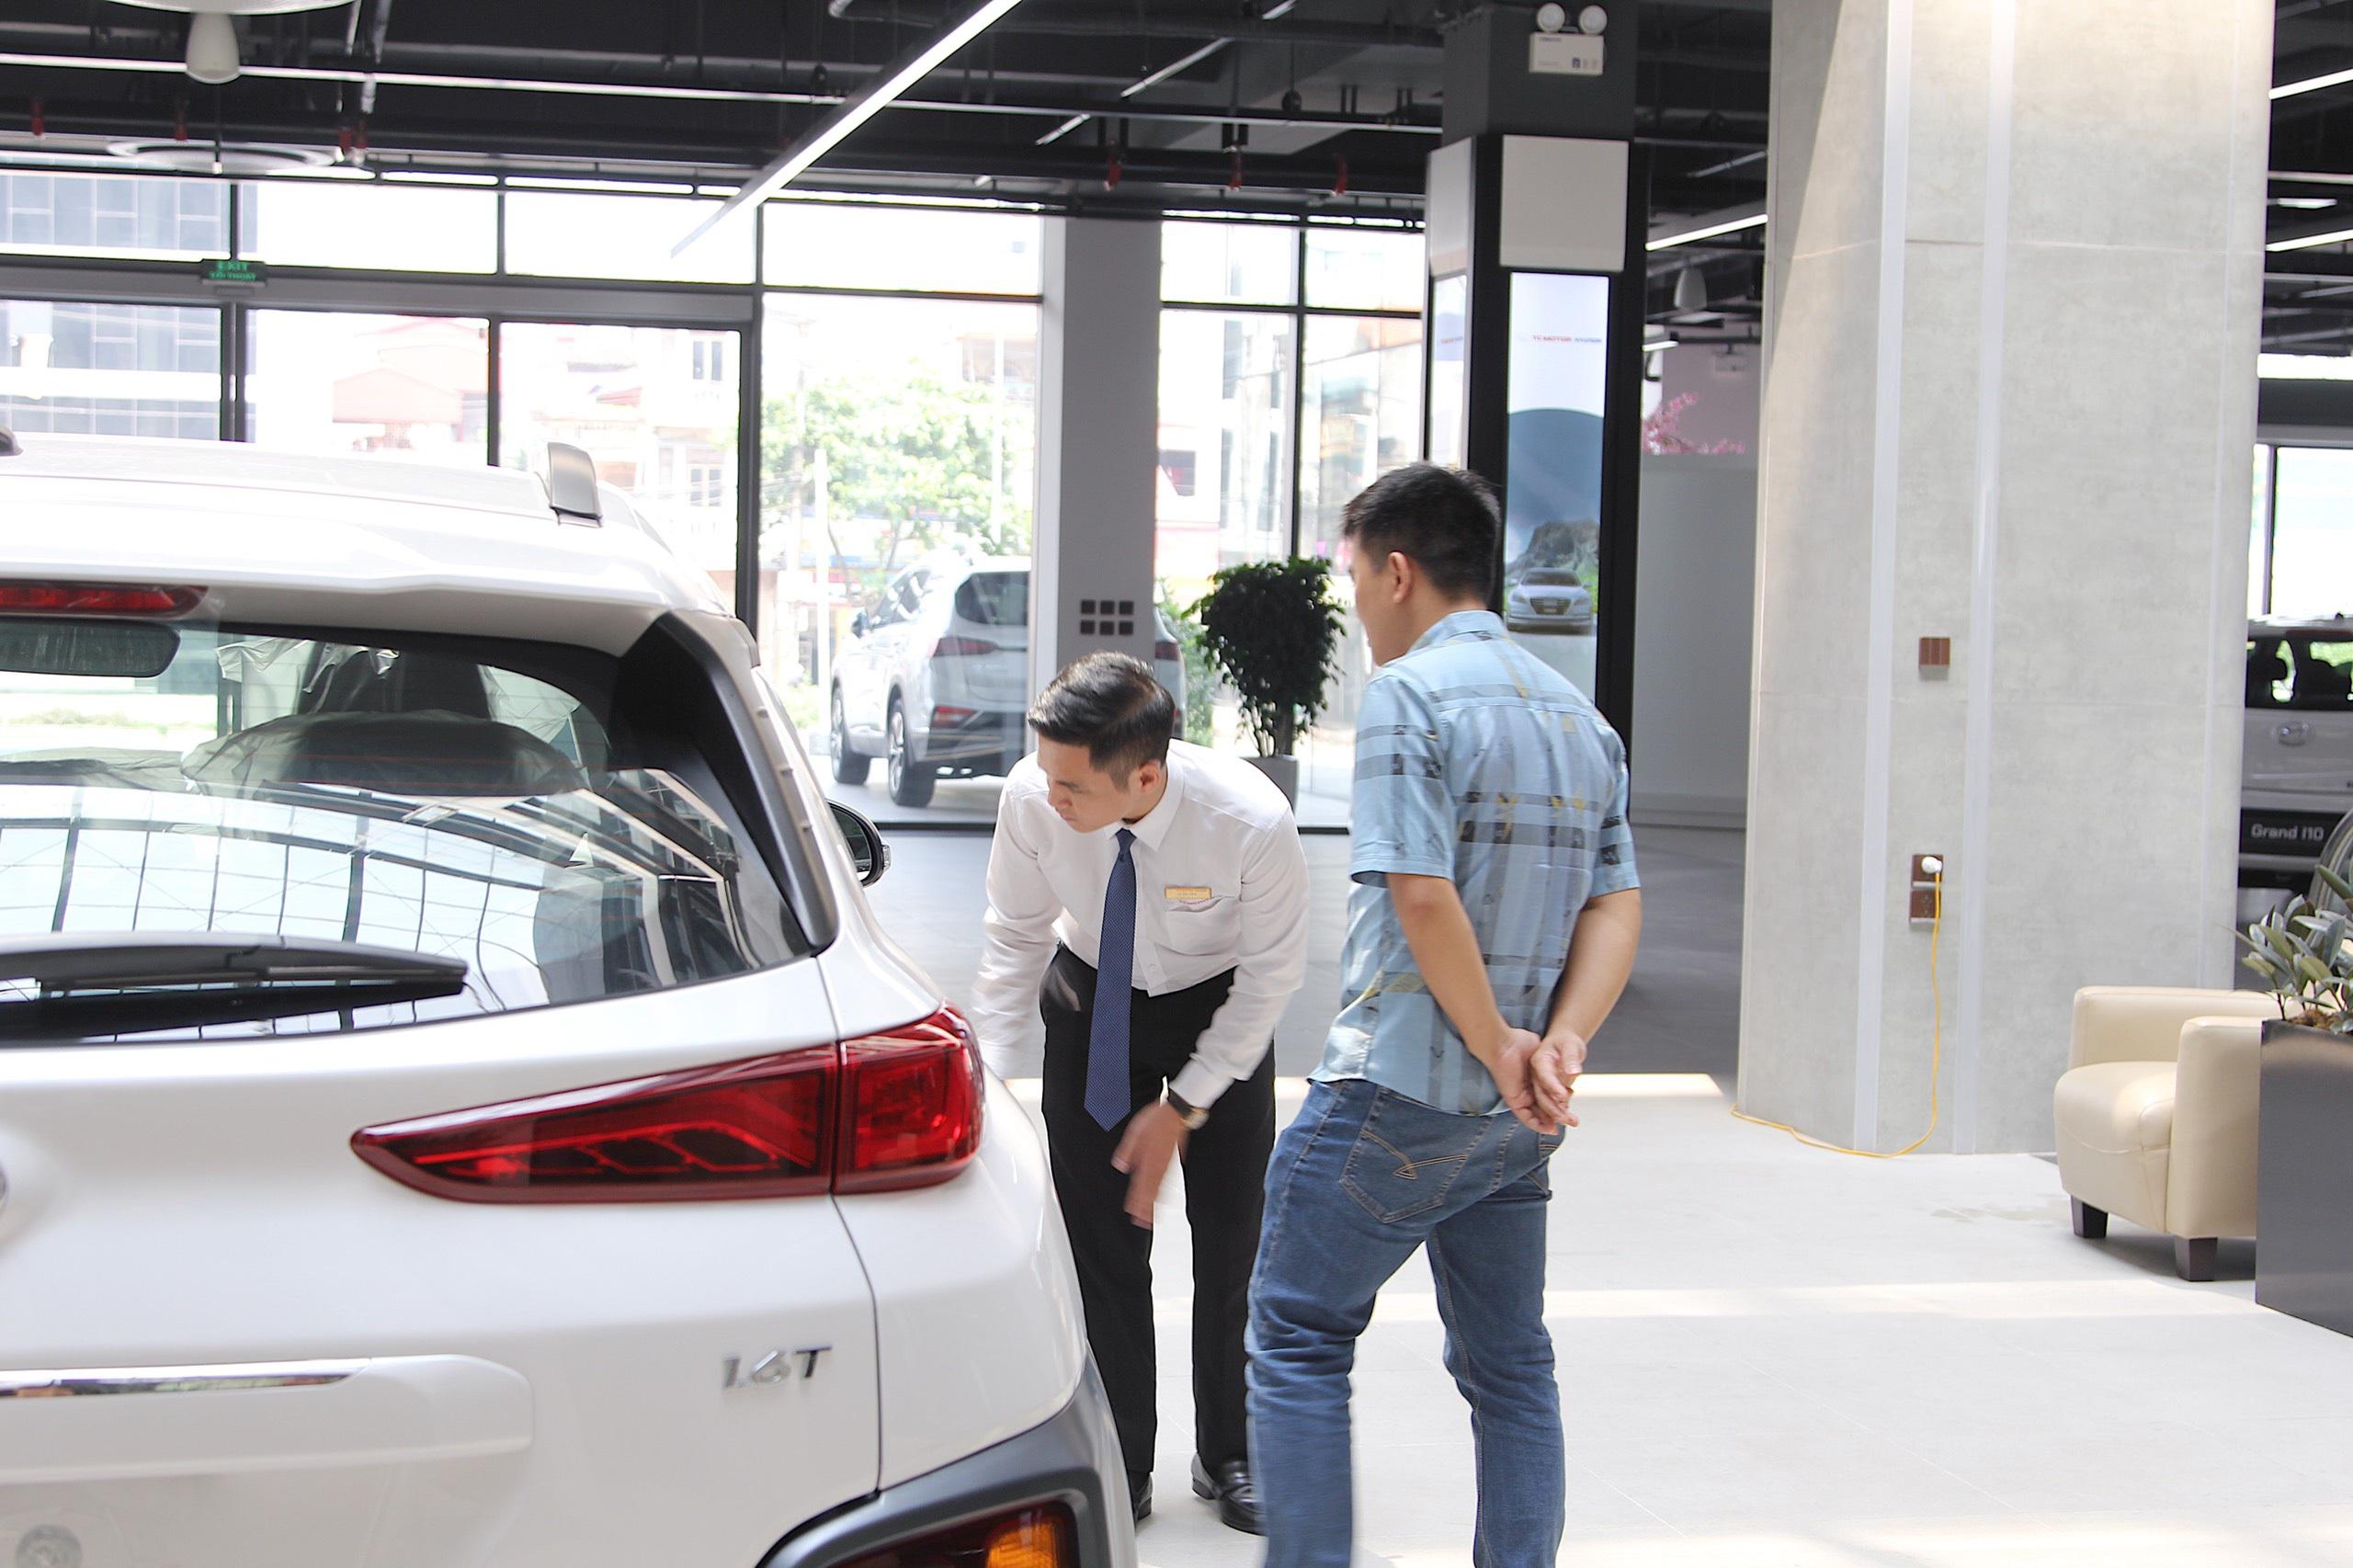 Giảm hàng loạt thuế phí xe hơi: Dân Việt sắp được mua xe giá rẻ